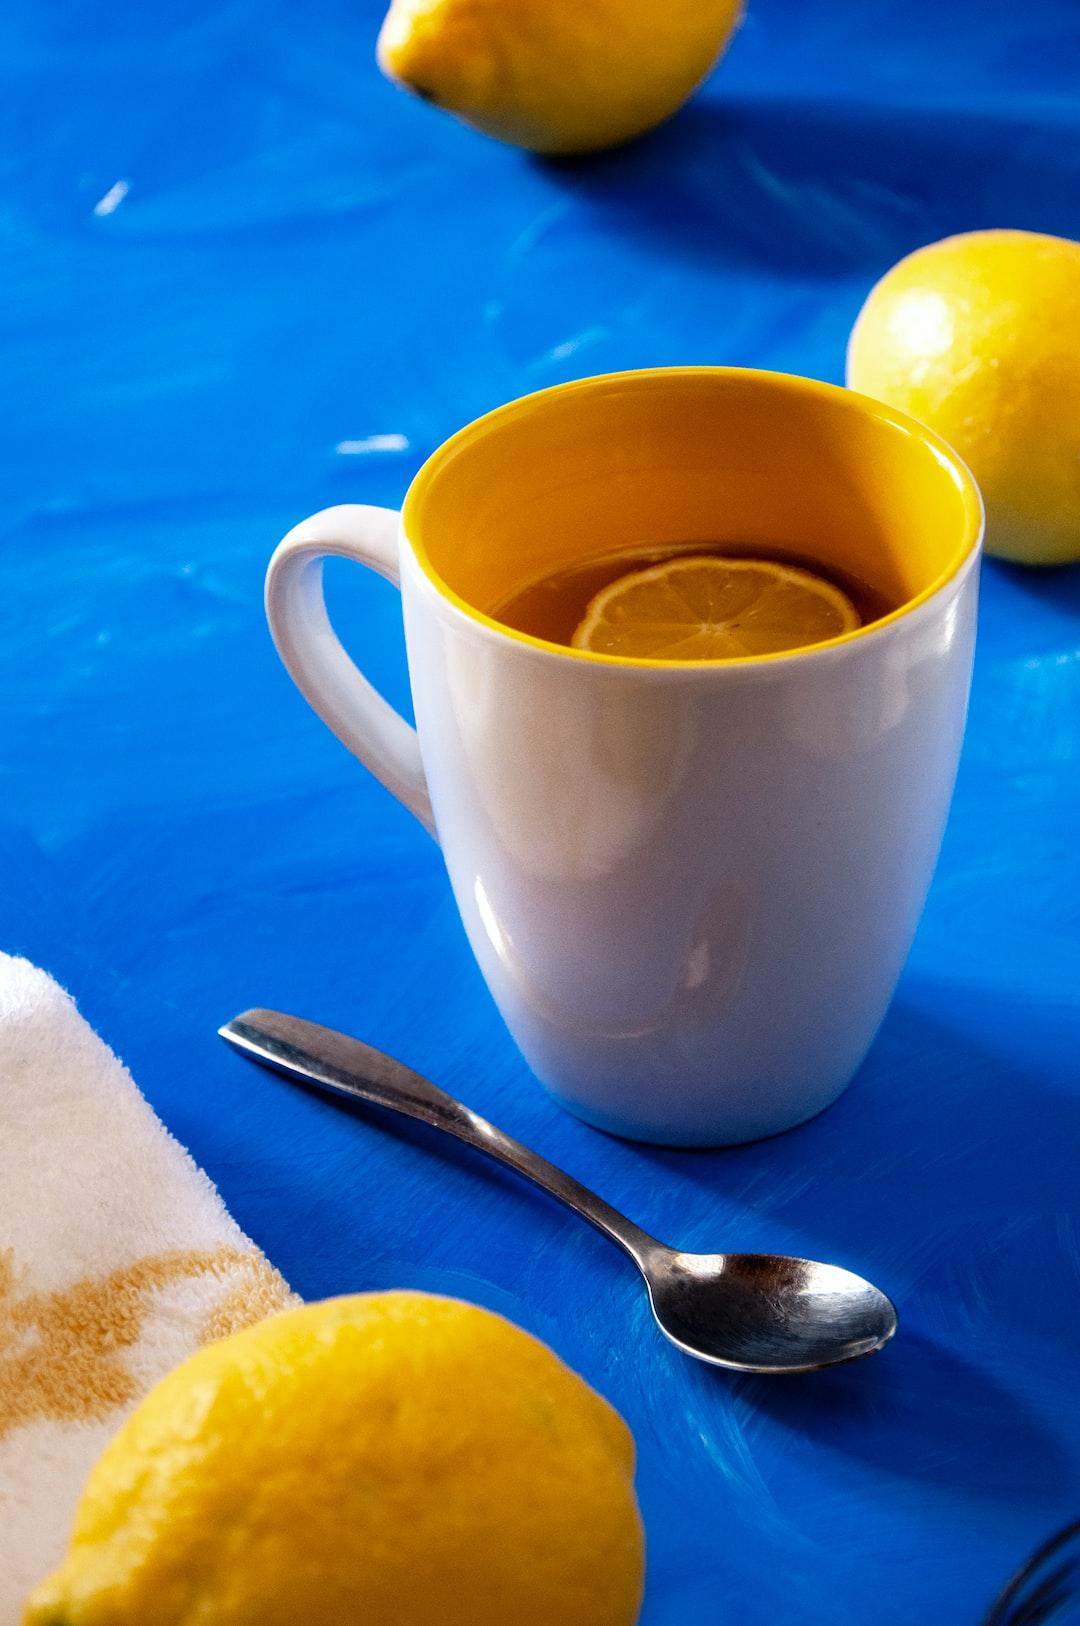 Lemon tea on blue background and spoon / Thé au citron sur fond bleu et petite cuillère